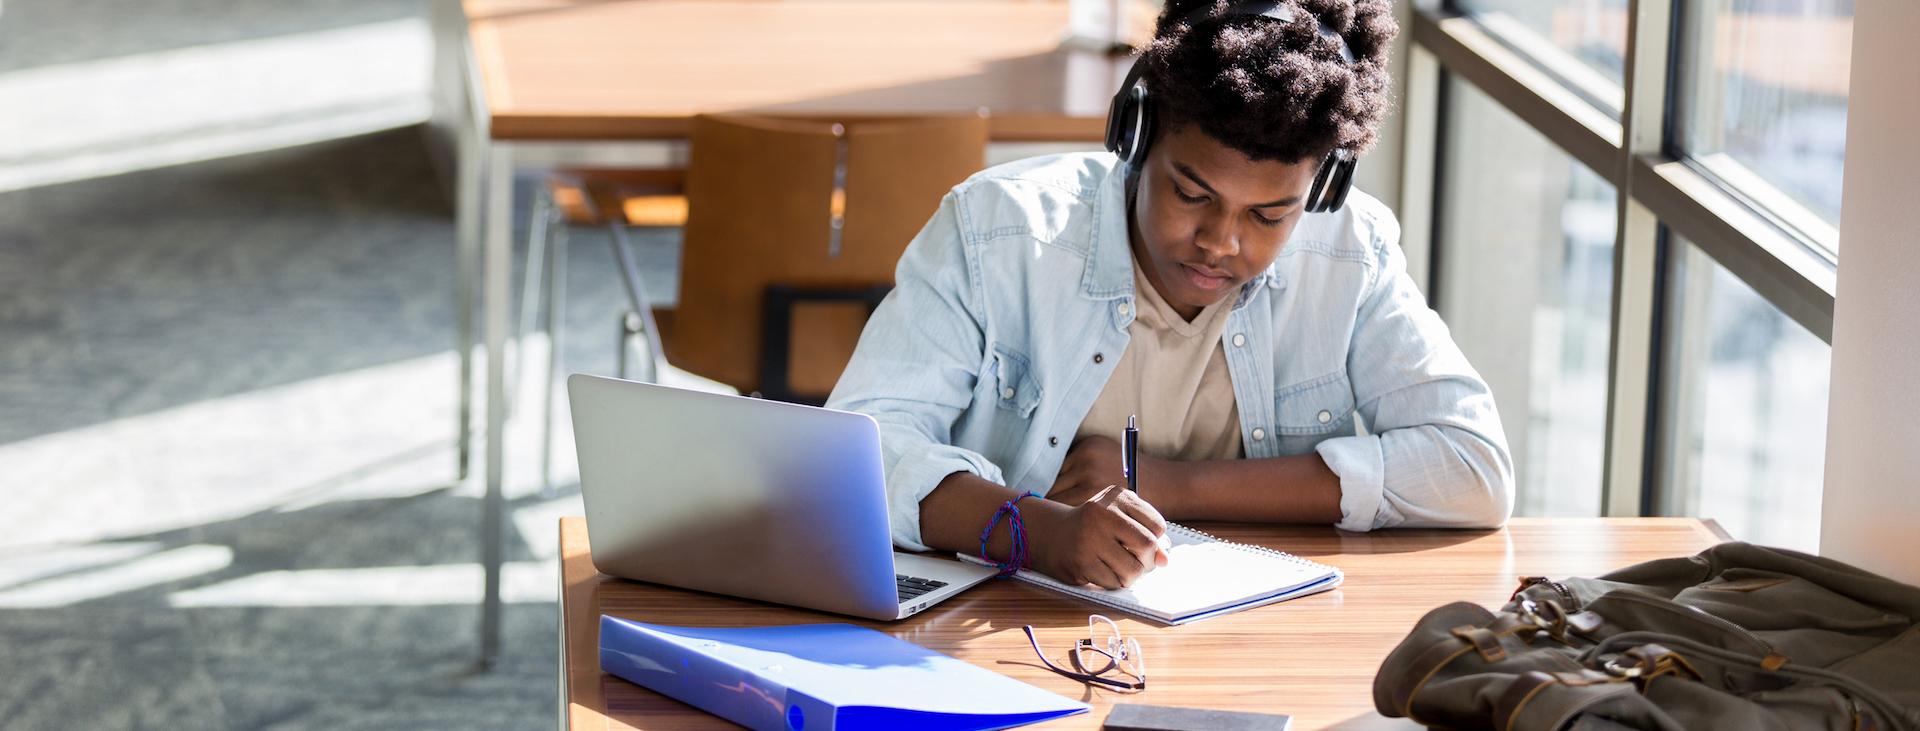 Teenage boy studies in school library